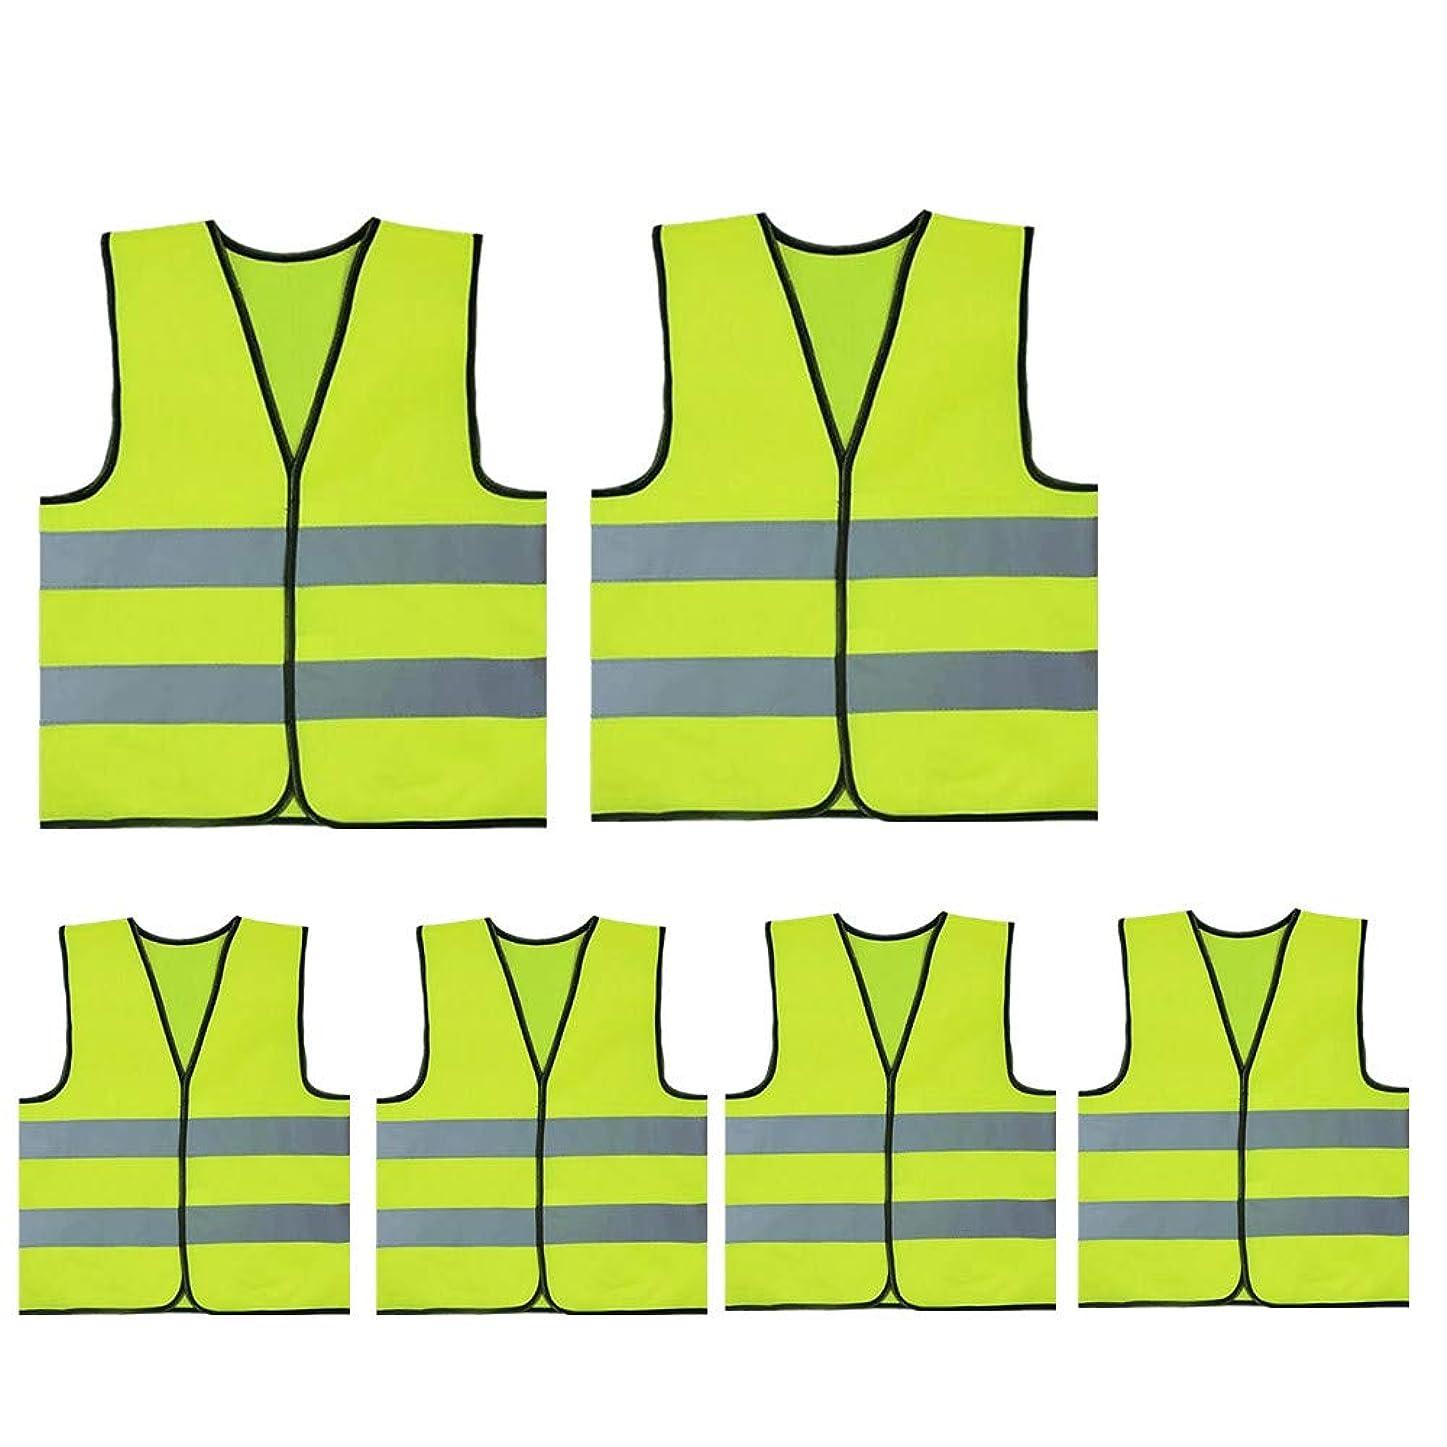 米ドルダイエット公爵TOPTIE子供安全ベスト建設衣装卸売用高視認性反射ユニフォーム - 蛍光 グリーン - L 6 Pack